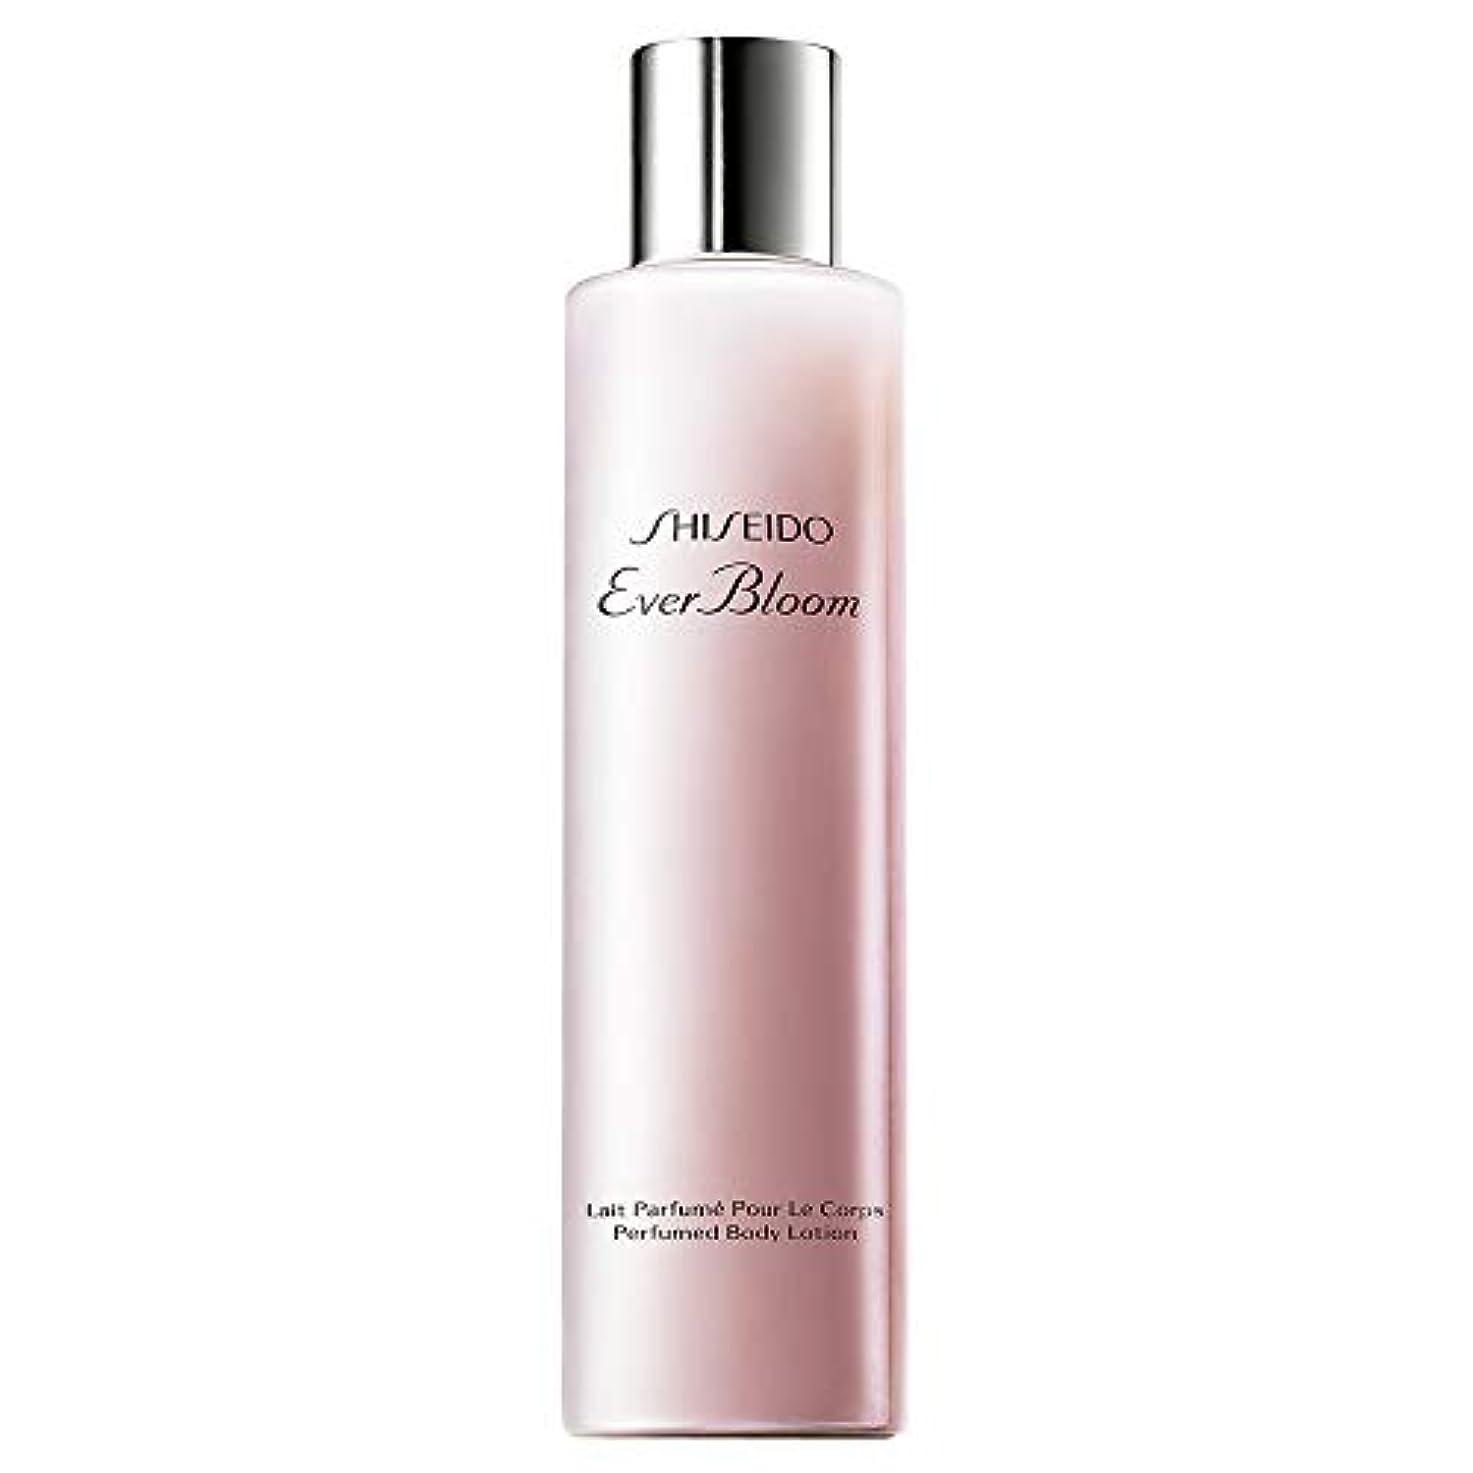 嵐が丘不公平誰[Shiseido] 資生堂は、これまでのボディローション200ミリリットルを咲かせ - Shiseido Ever Bloom Body Lotion 200ml [並行輸入品]